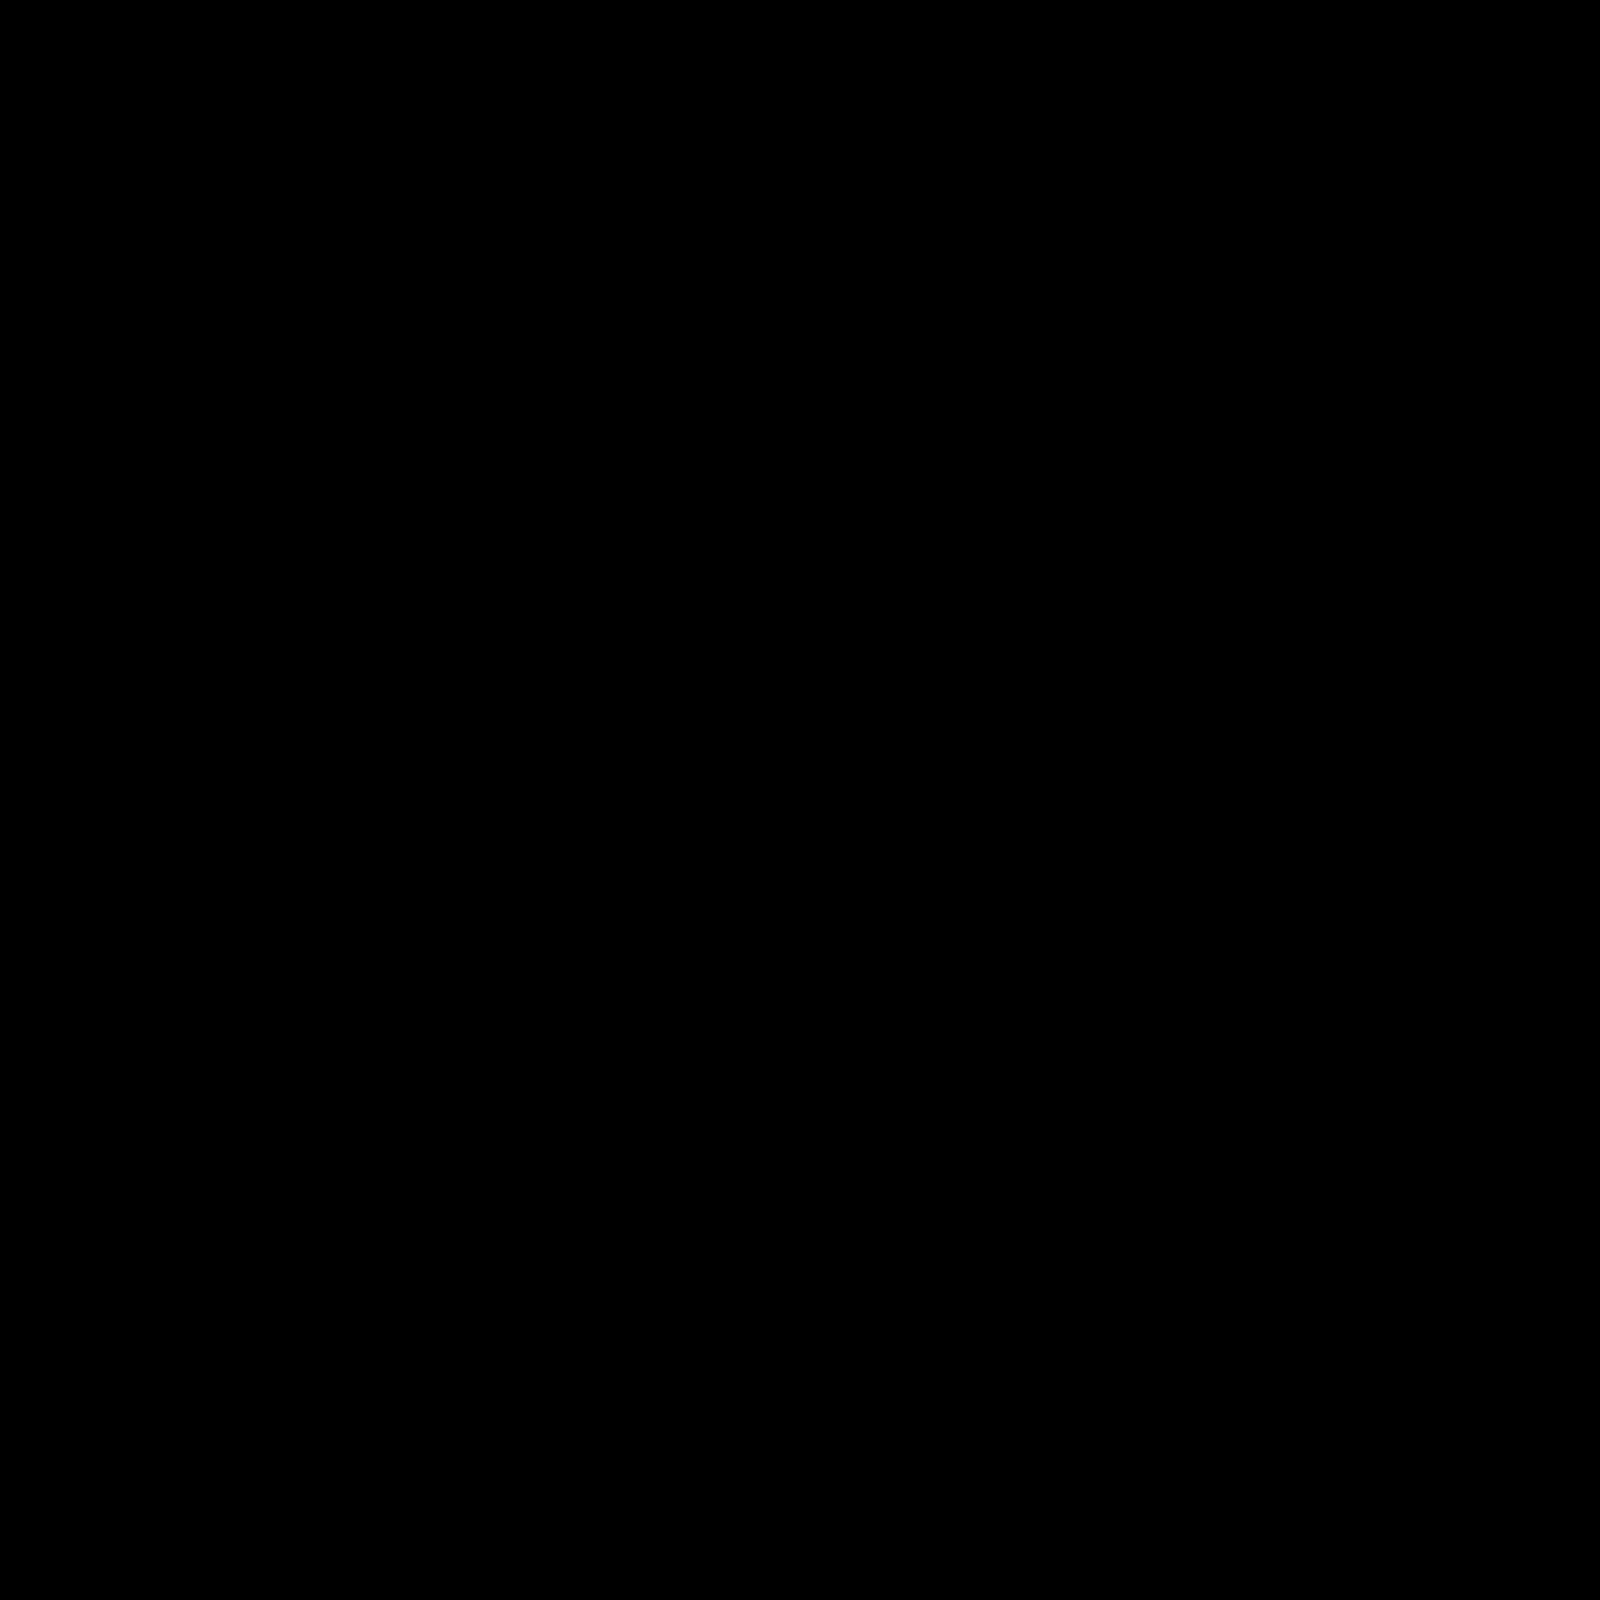 1600x1600 Caduceus Icon